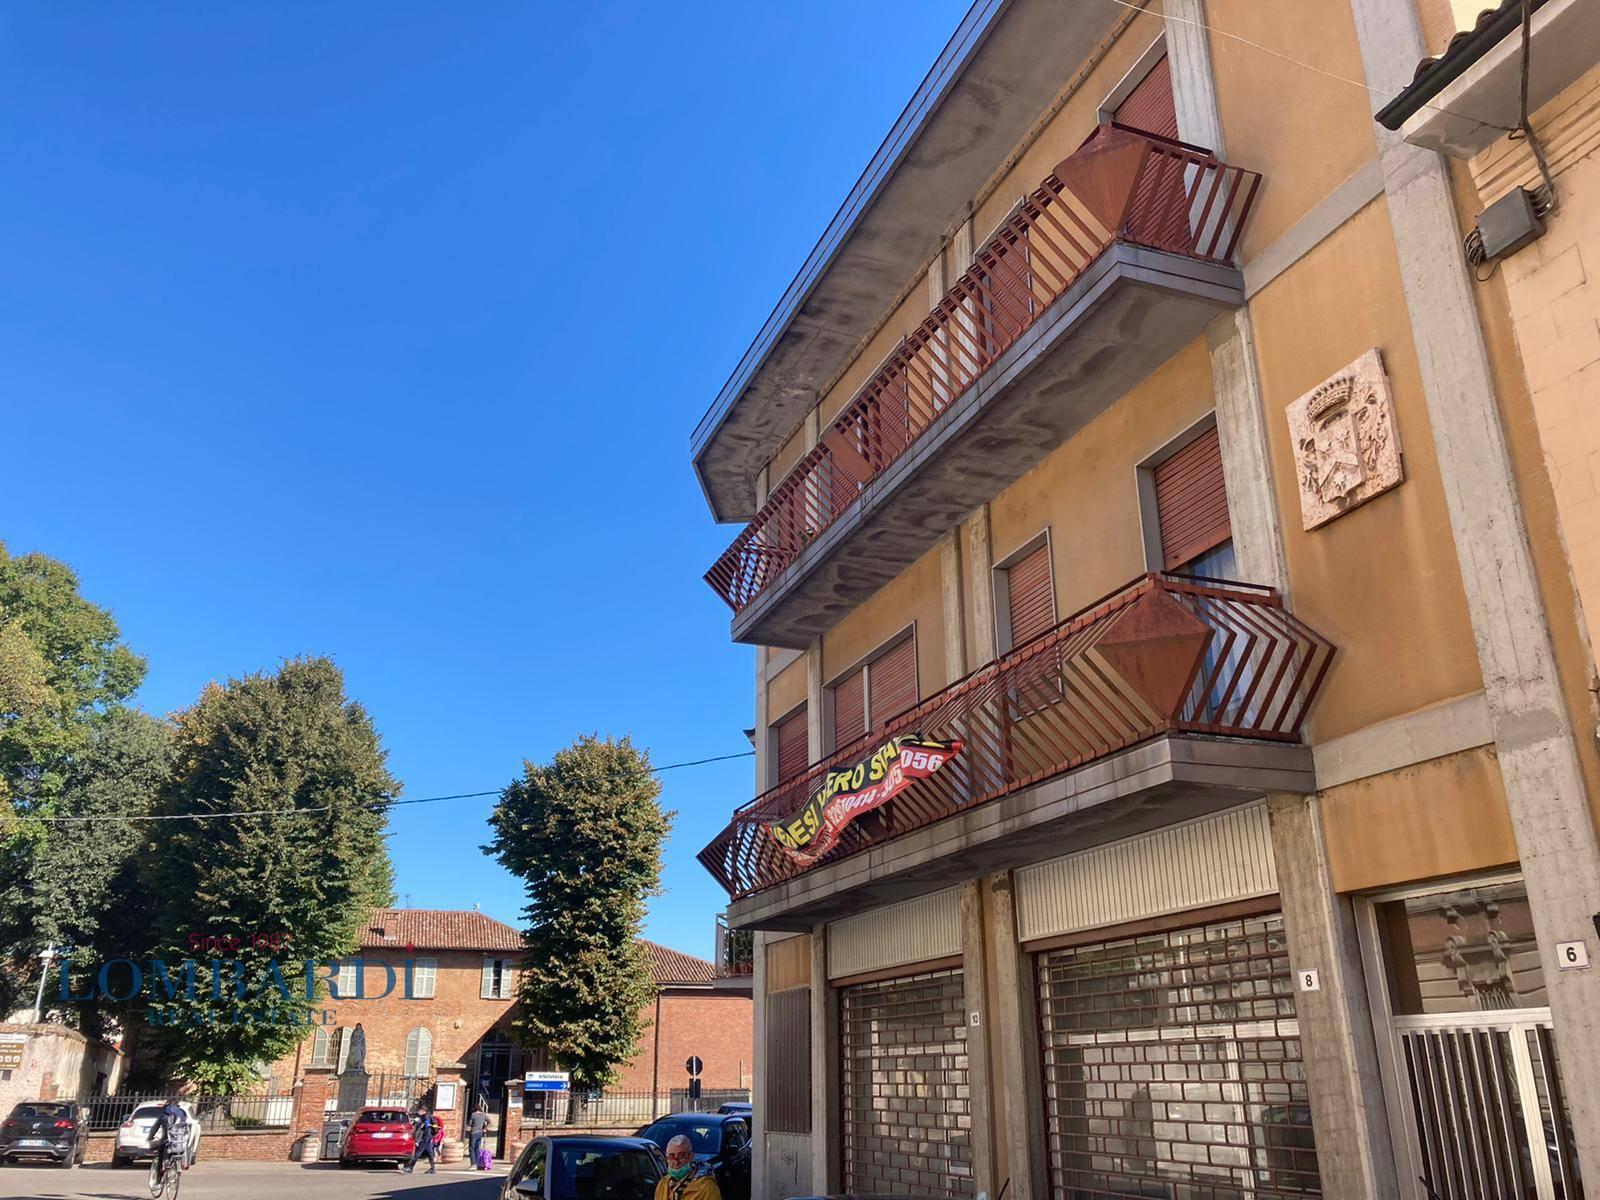 Palazzo / Stabile in vendita a Gropello Cairoli, 10 locali, prezzo € 330.000   CambioCasa.it